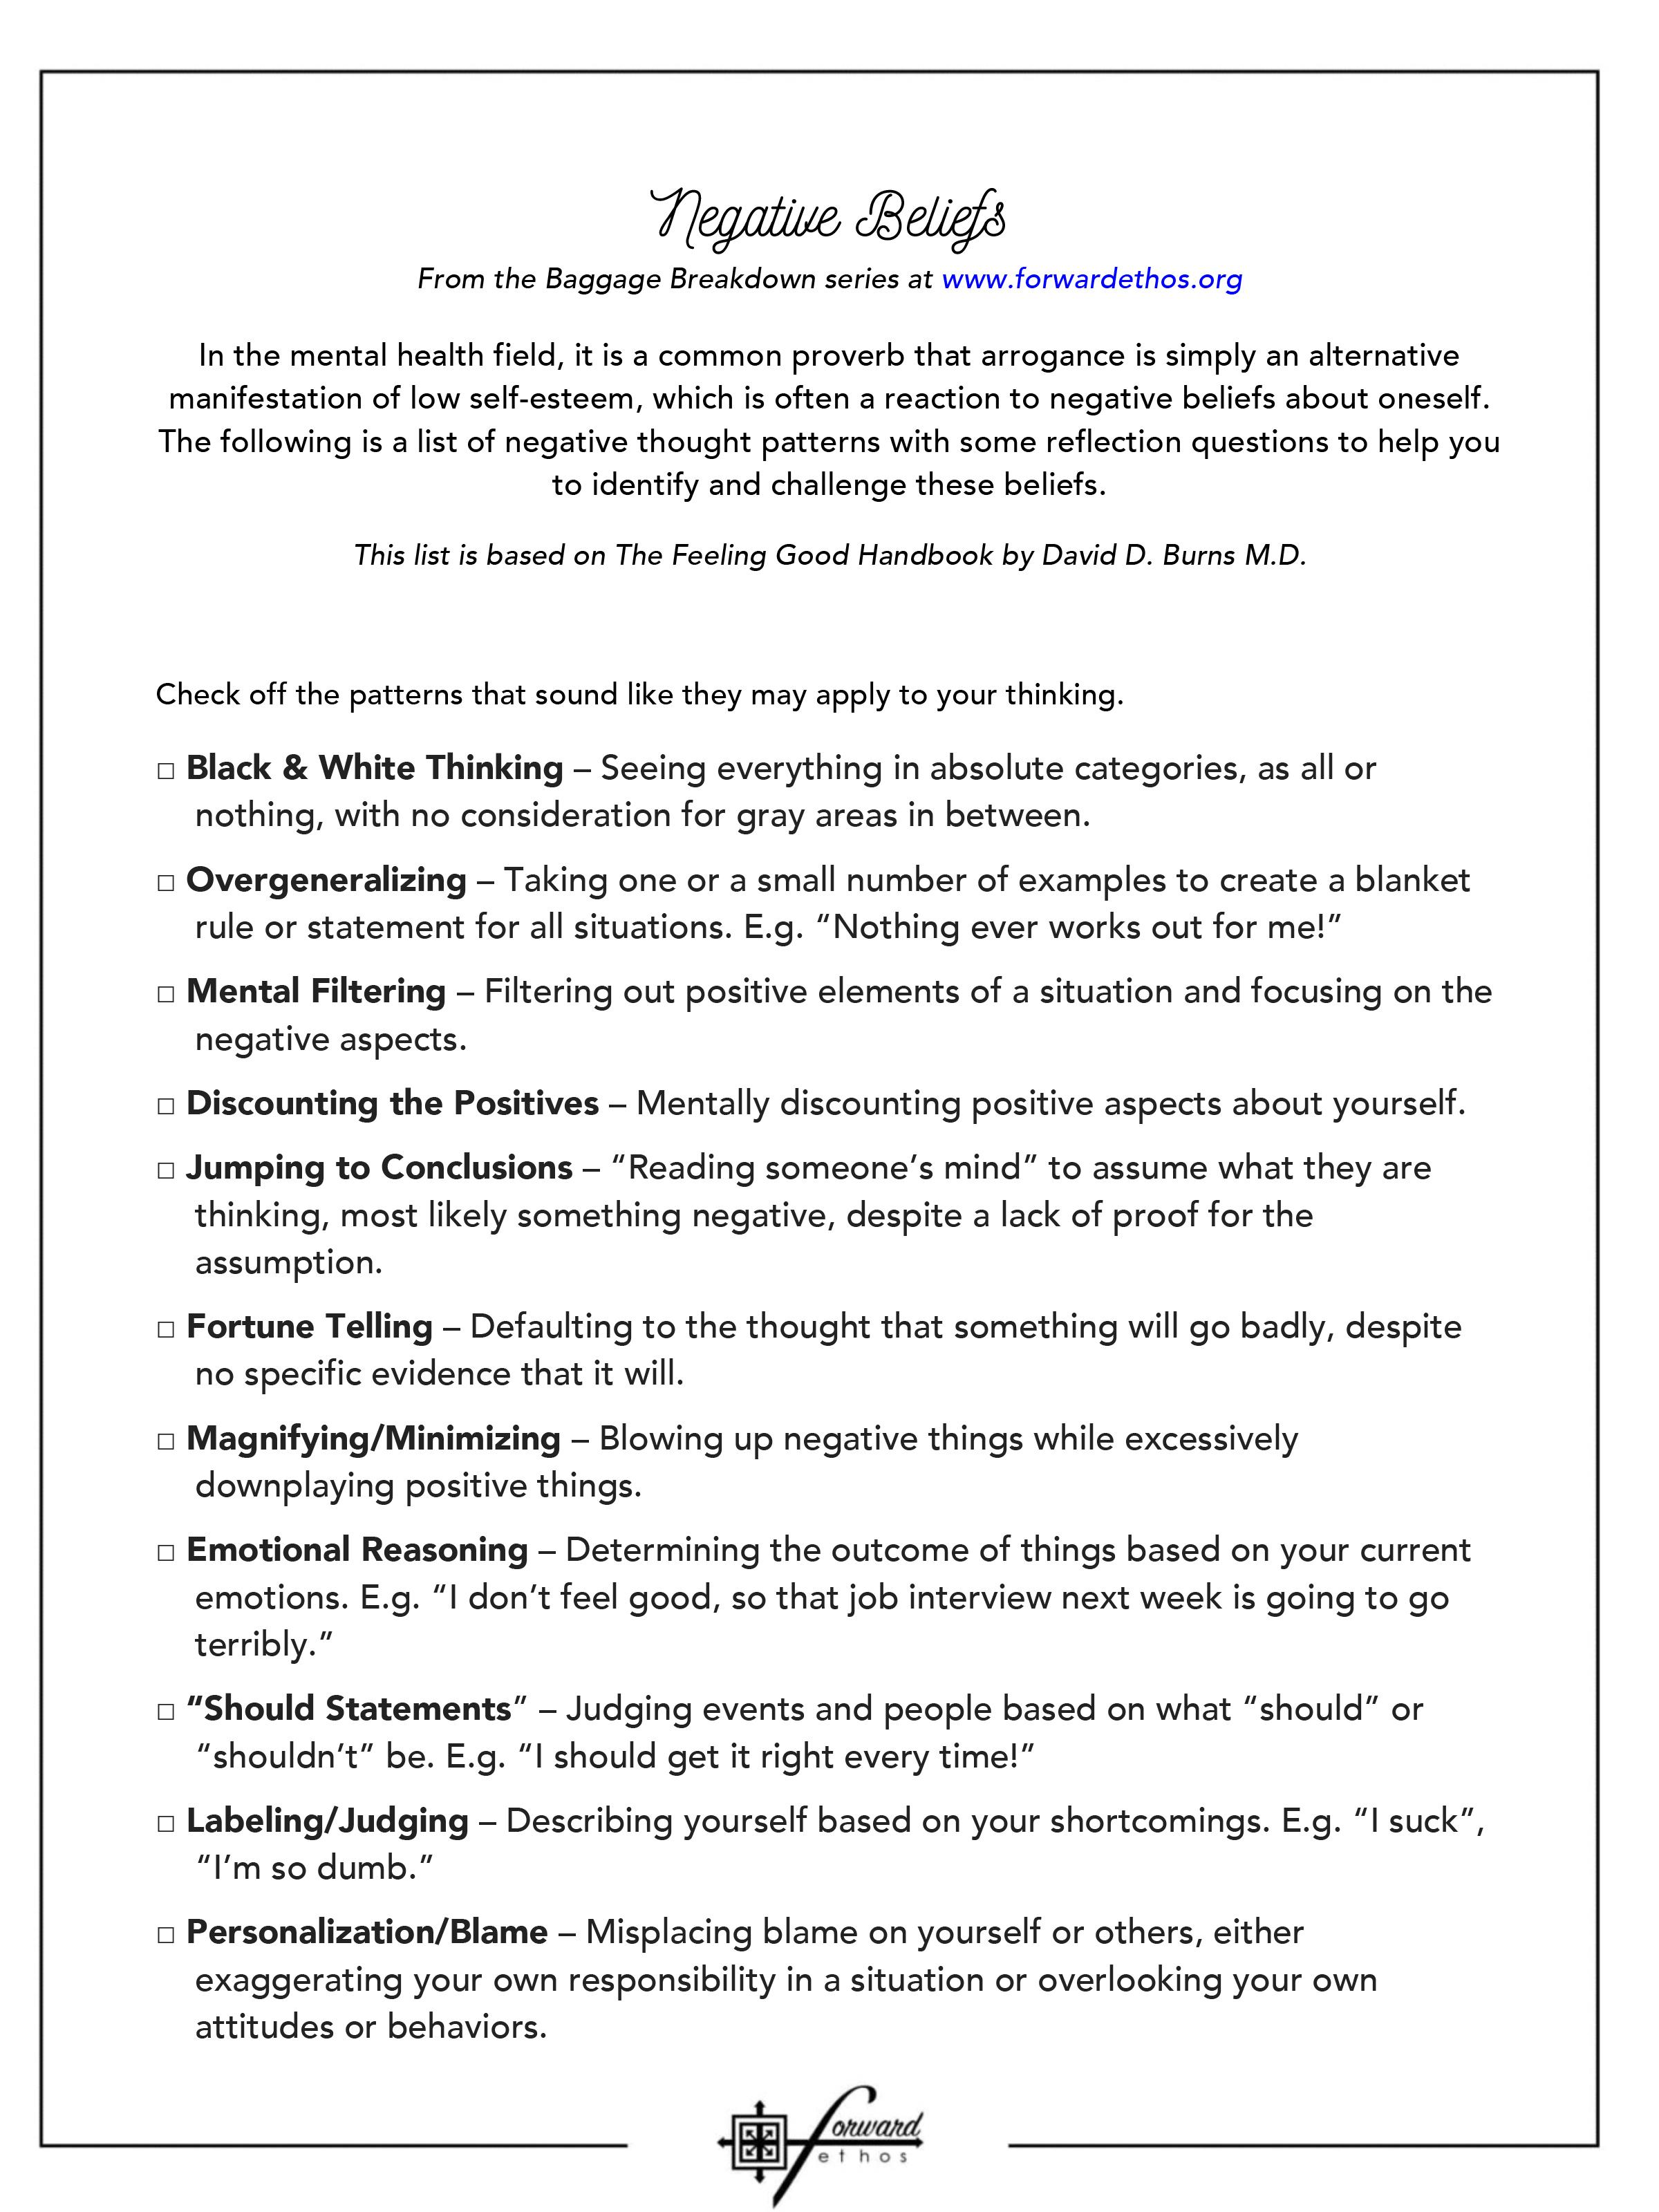 Worksheet 06-1.jpg